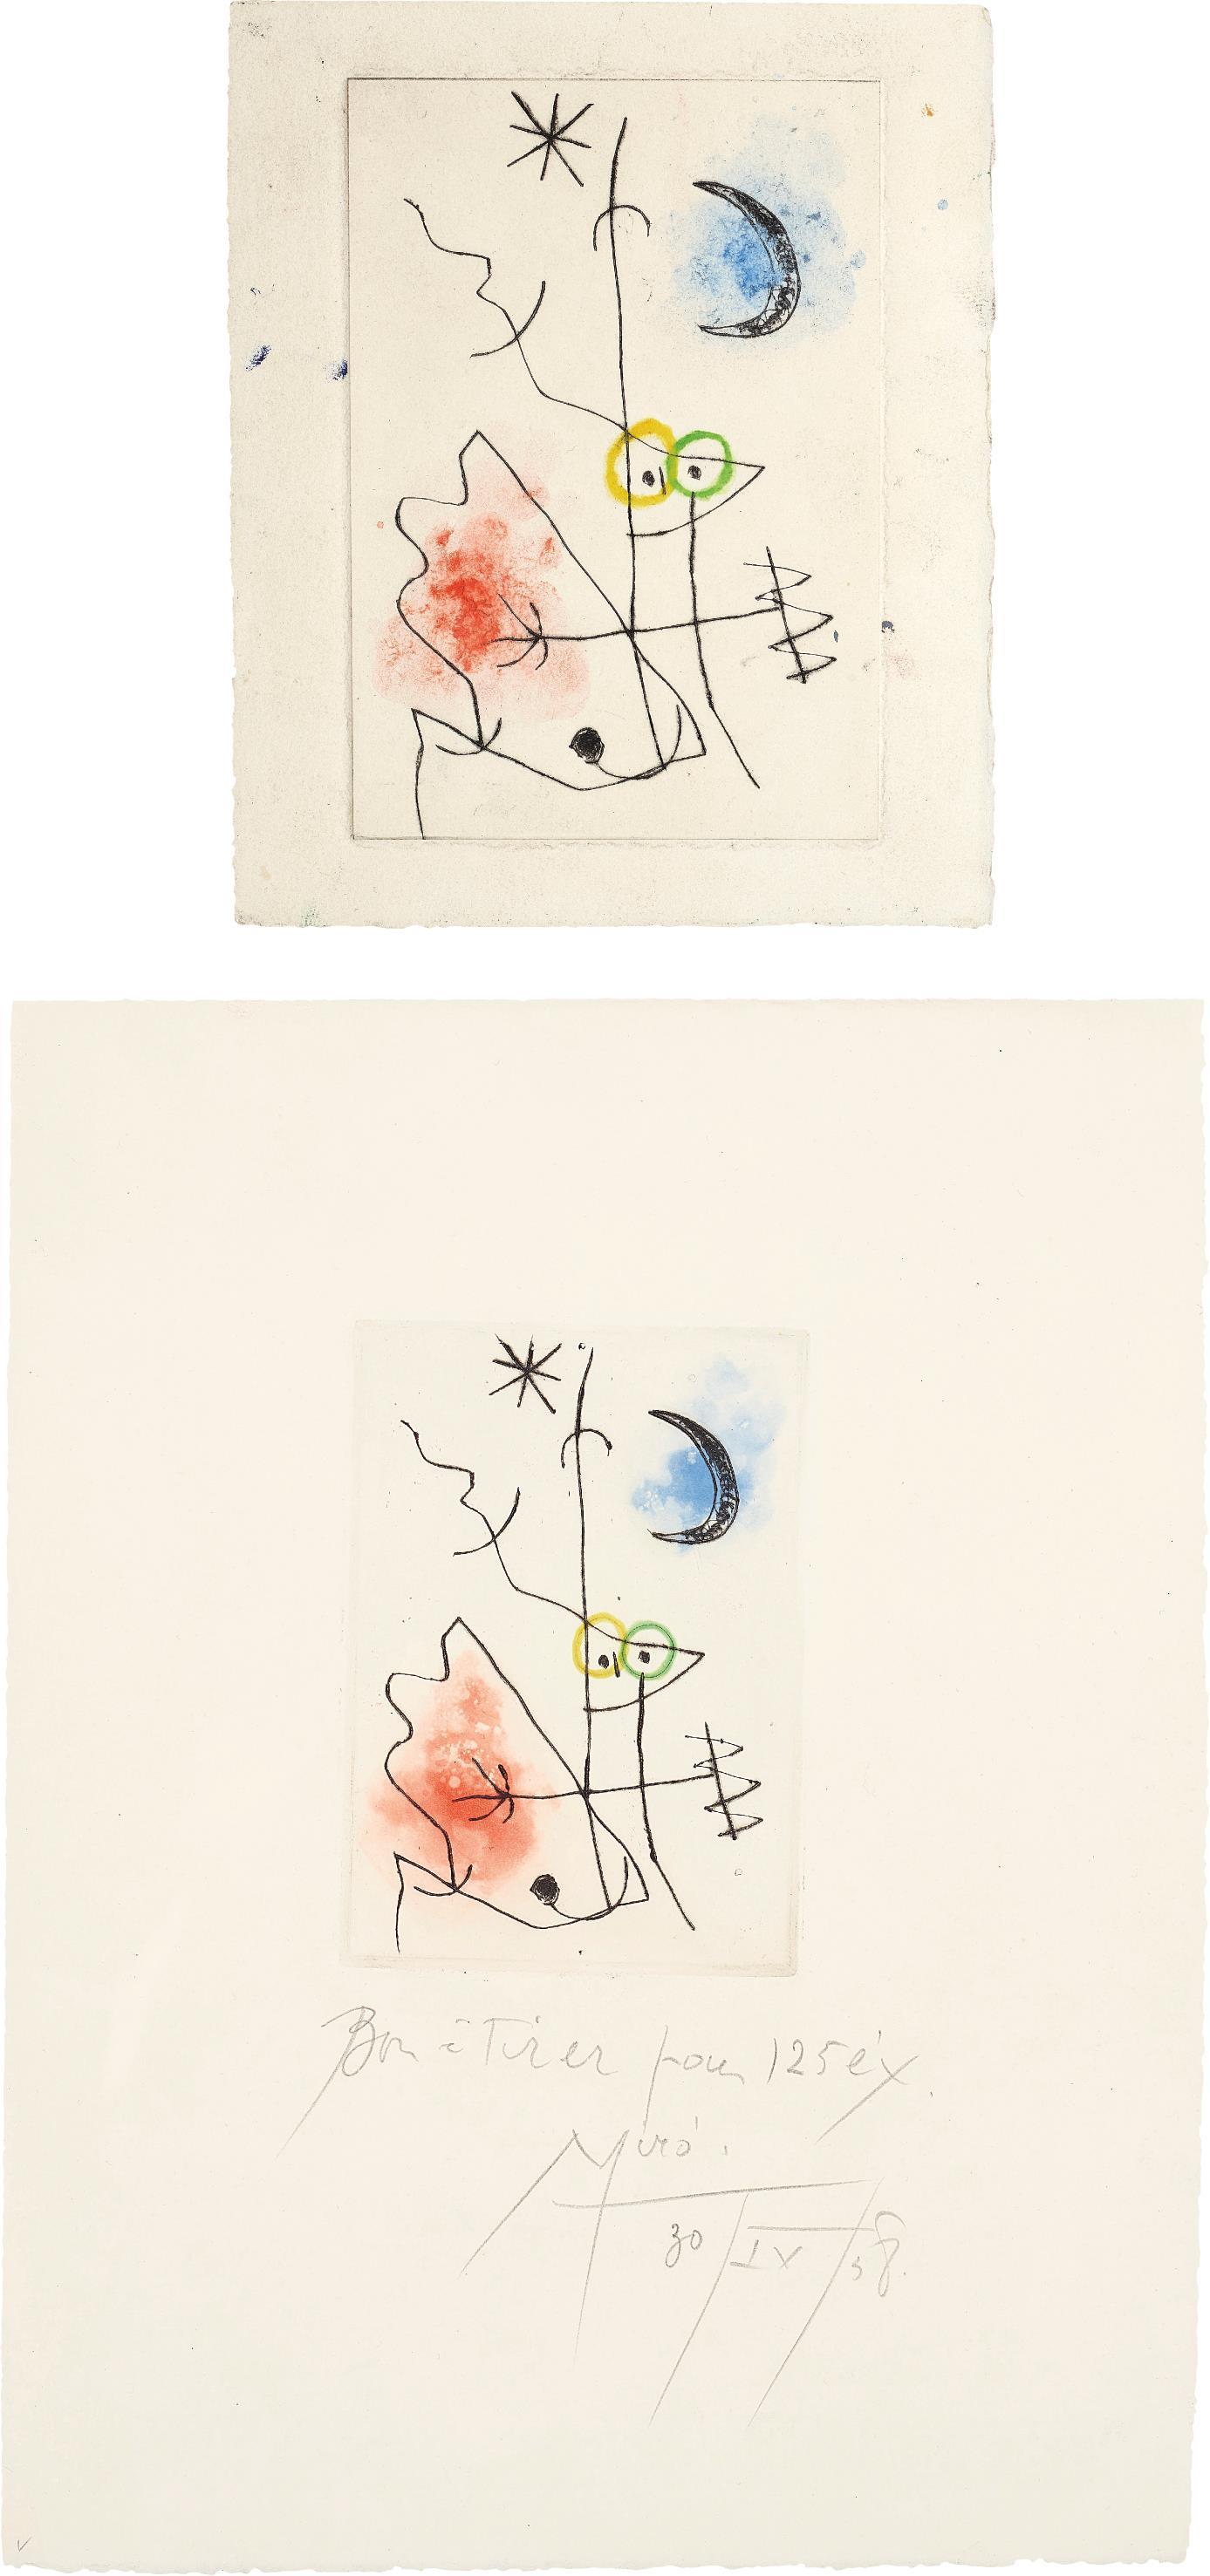 Joan Miro-Le Grillon (The Cricket): Two Impressions-1958